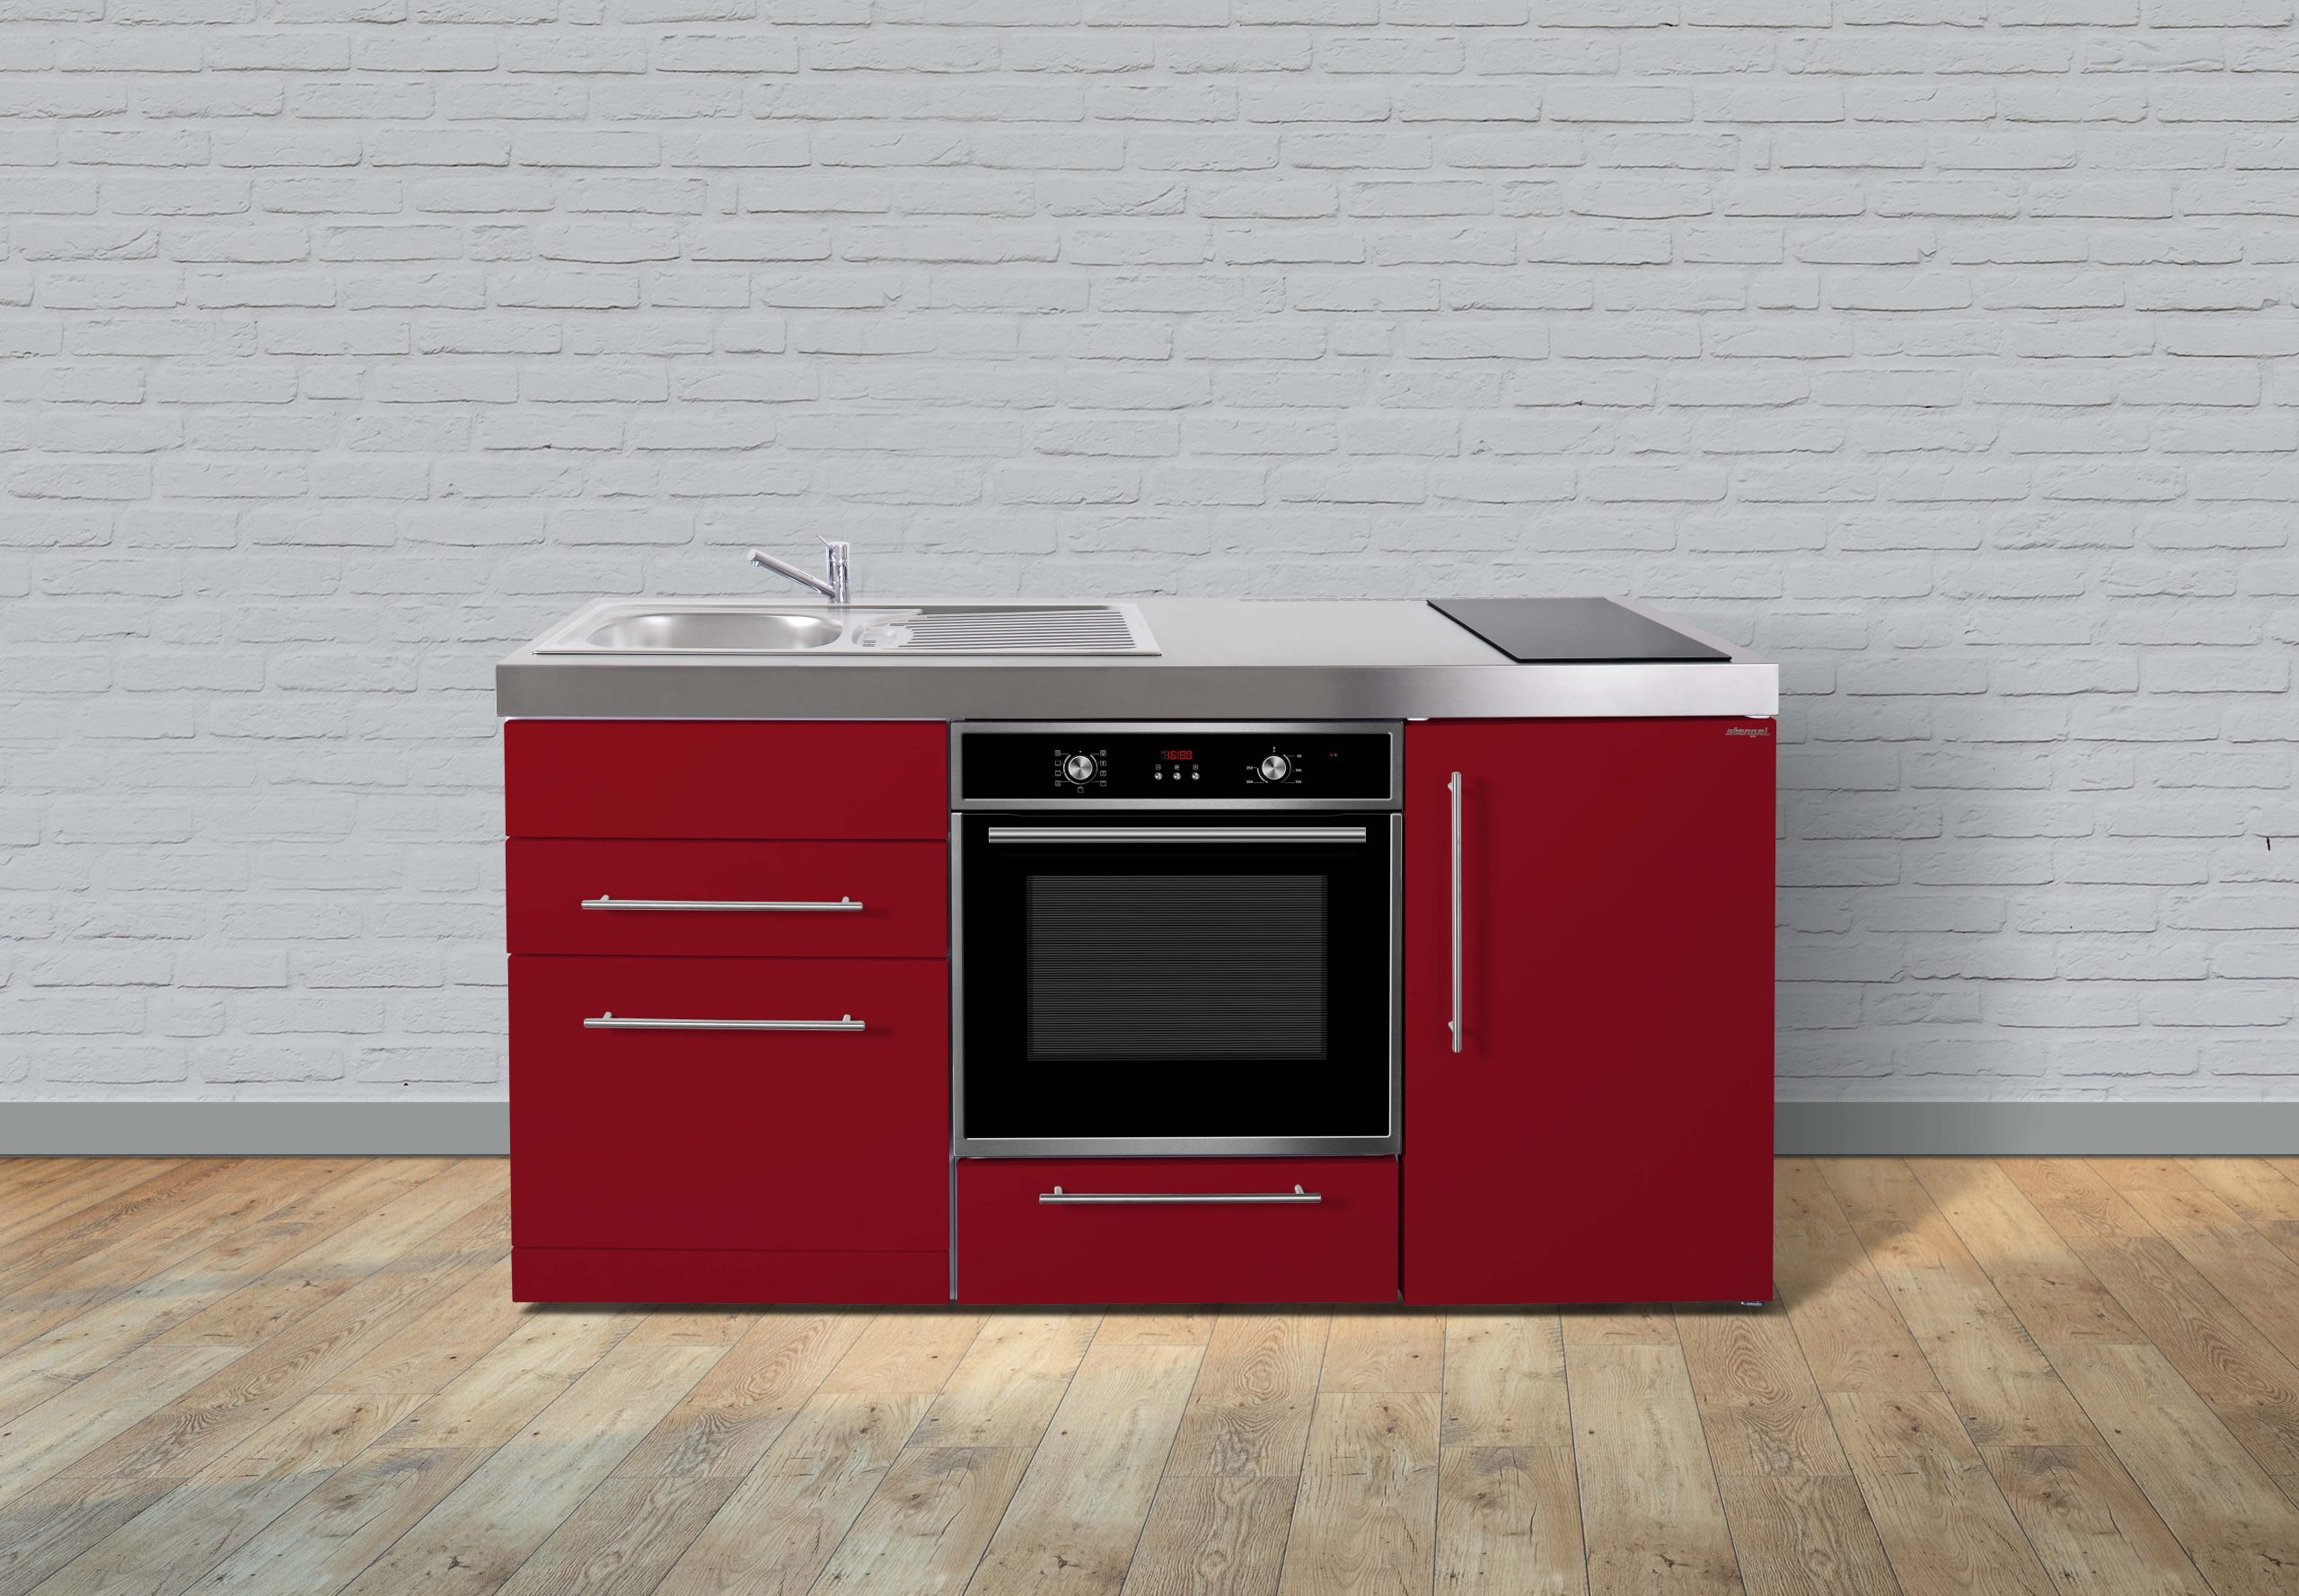 Full Size of Mini Küche über Eck Mini Küche Einrichten Mini Küche Mit Geschirrspüler Mini Küche Mit Kühlschrank Küche Mini Küche